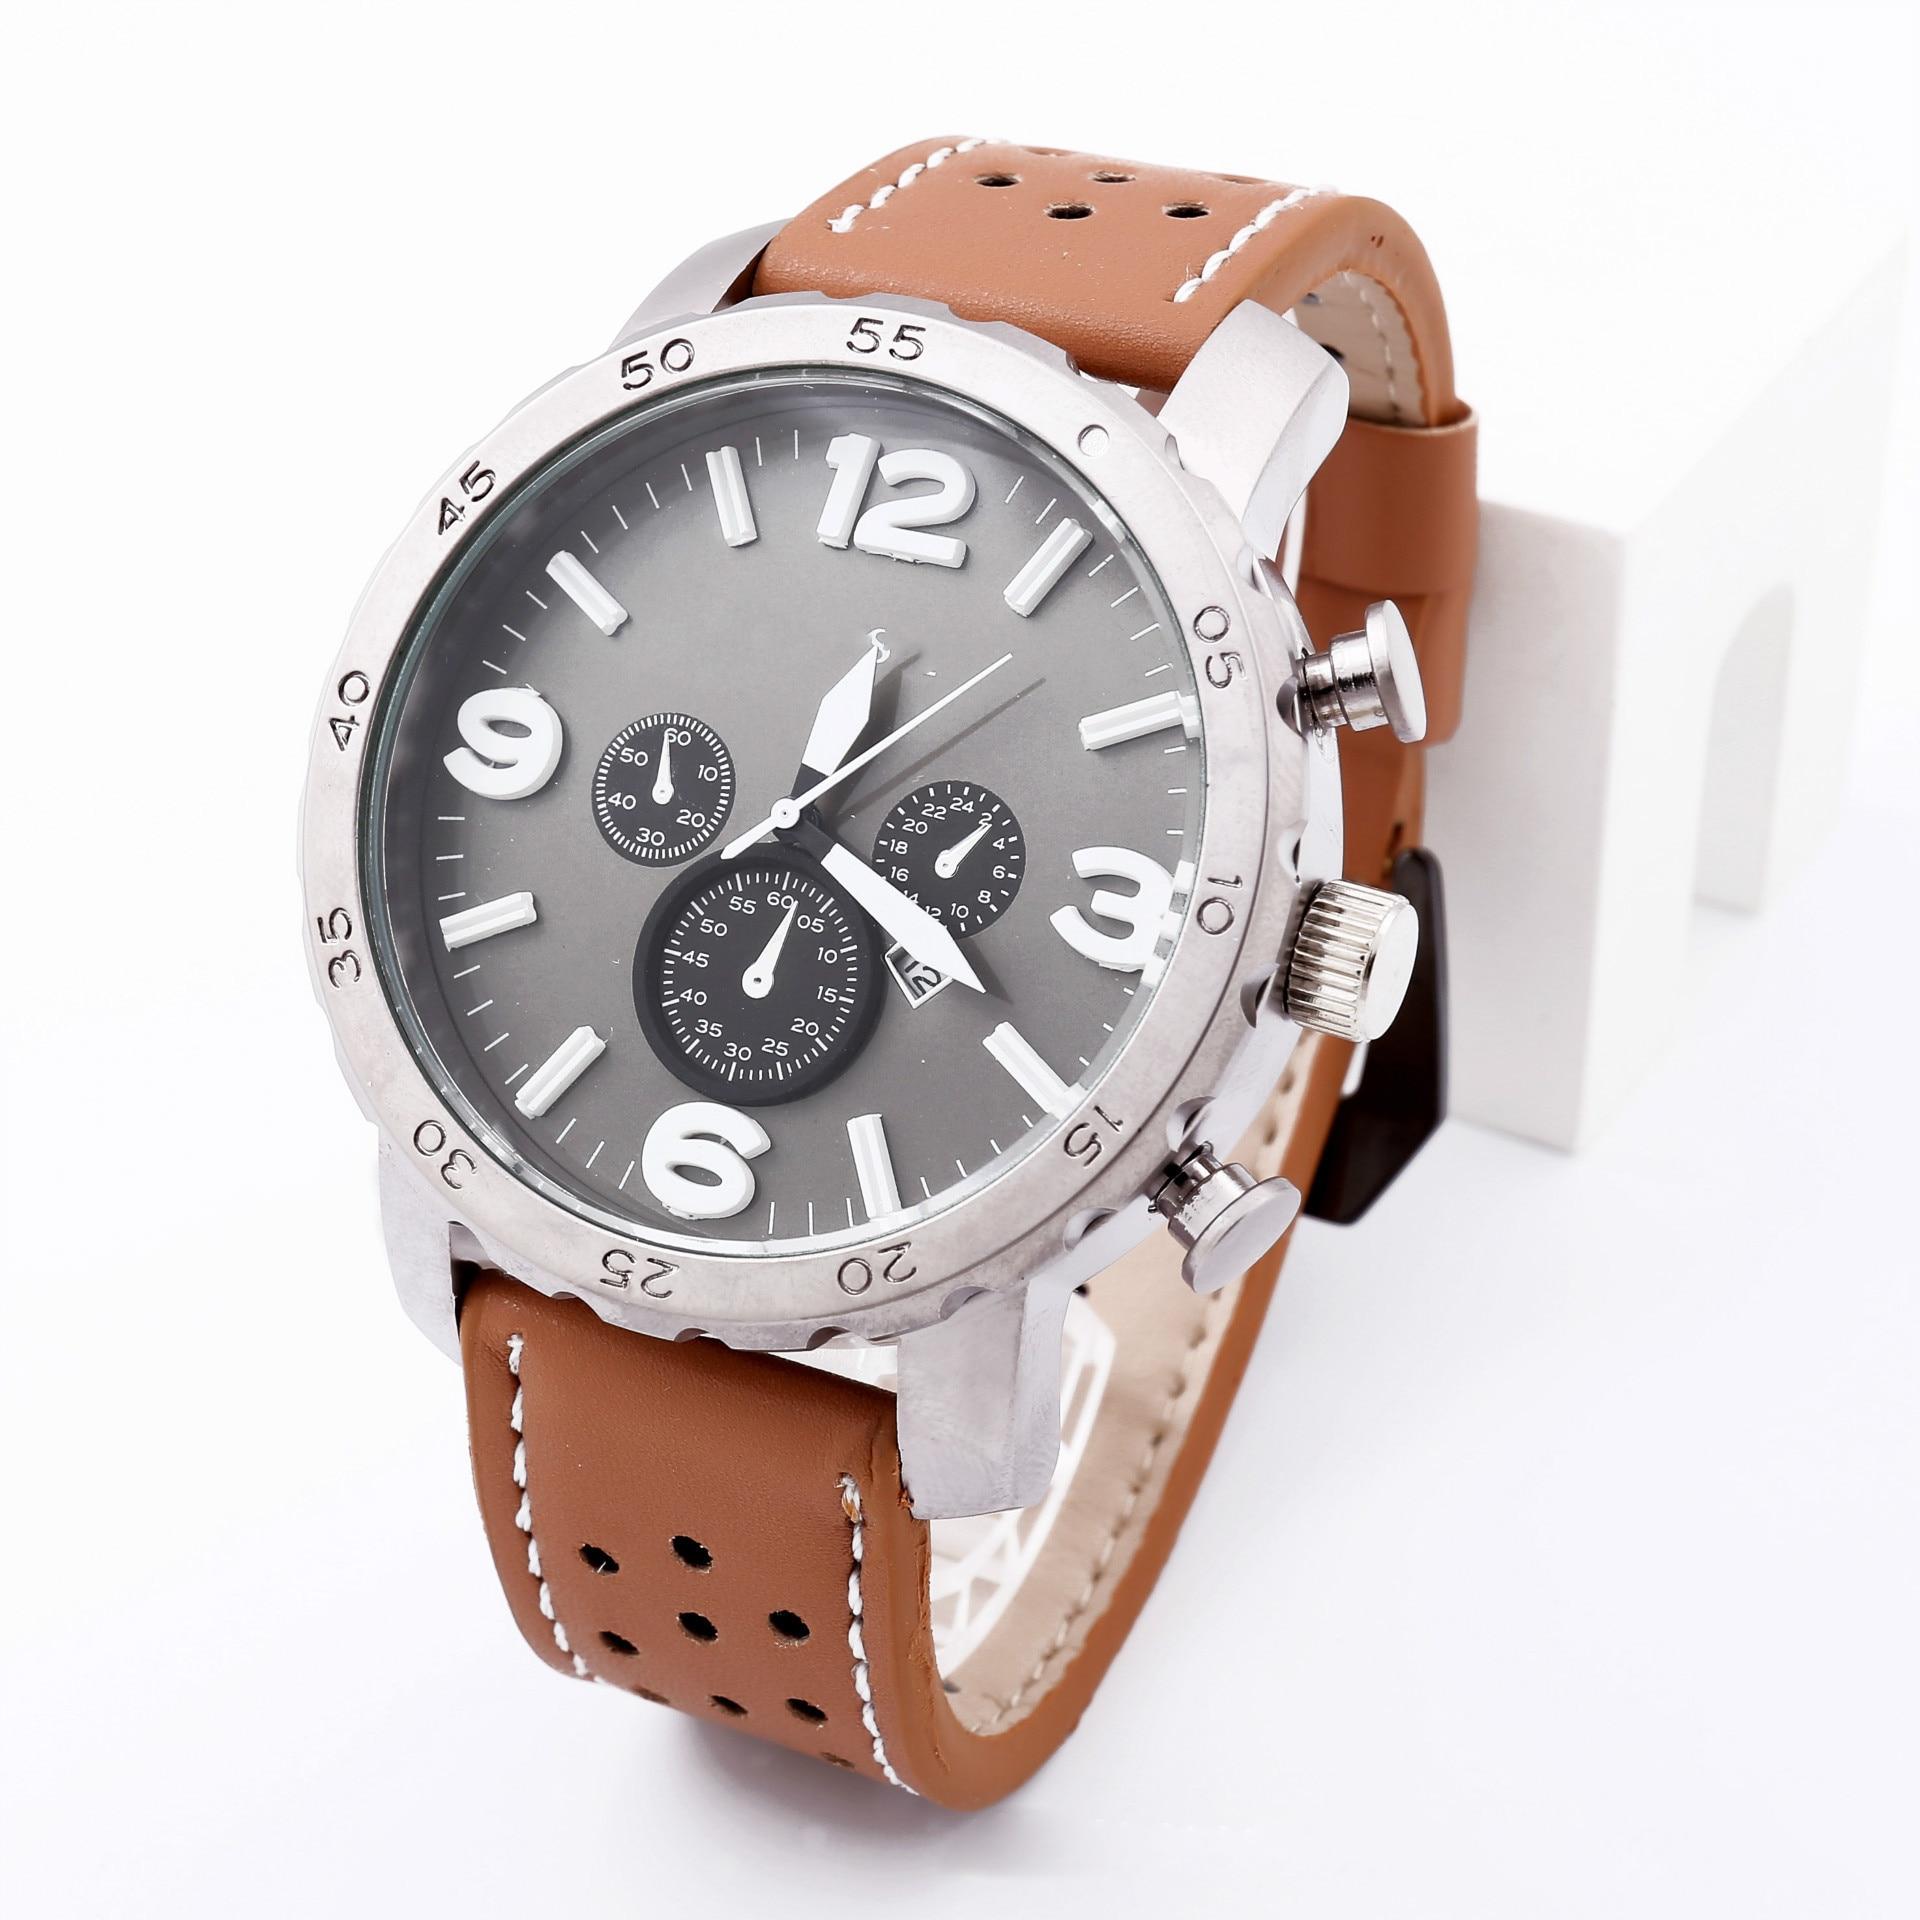 Marca de Luxo Relógio de Quartzo Relógio de Moda Nova Negócios Couro Pulseira Estilo Casual Calendário Masculino 2021